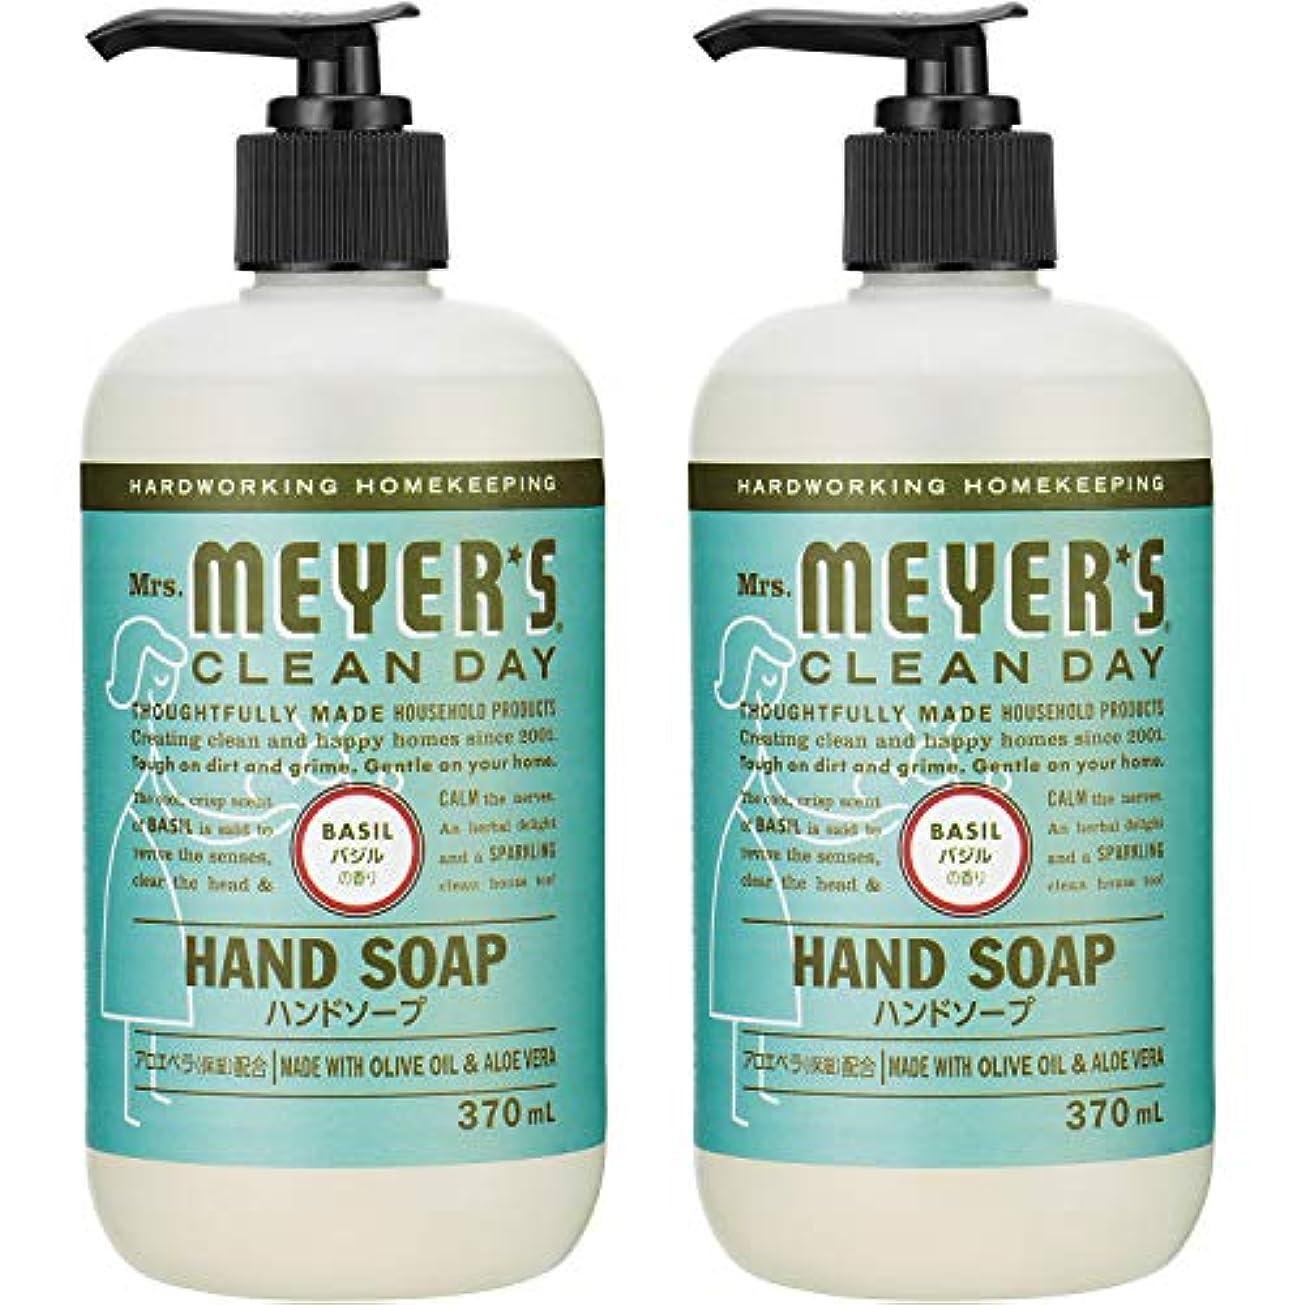 パーツ大気順番Mrs. MEYER'S CLEAN DAY(ミセスマイヤーズ クリーンデイ) ミセスマイヤーズ クリーンデイ(Mrs.Meyers Clean Day) ハンドソープ バジルの香り 370ml×2個